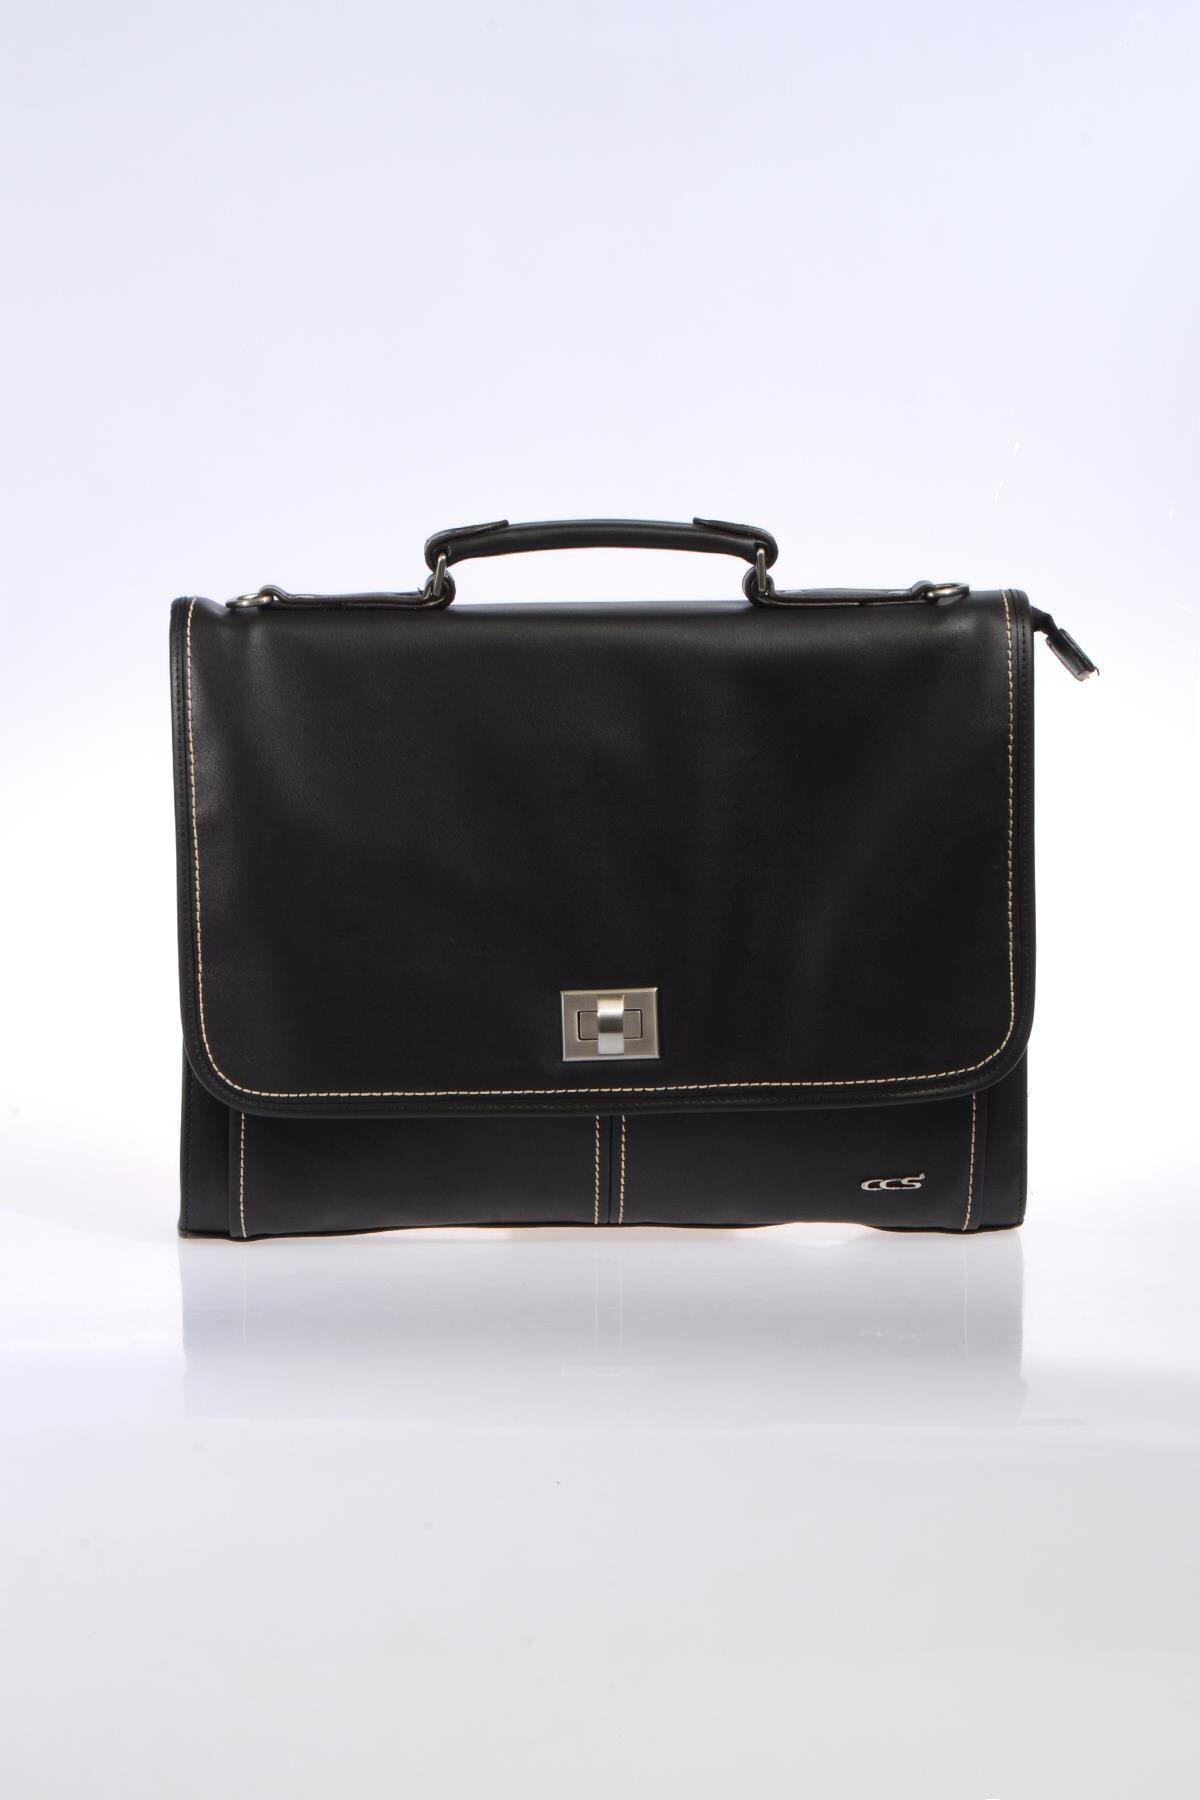 ÇÇS Kahverengi Unisex Laptop & Evrak Çantası 1